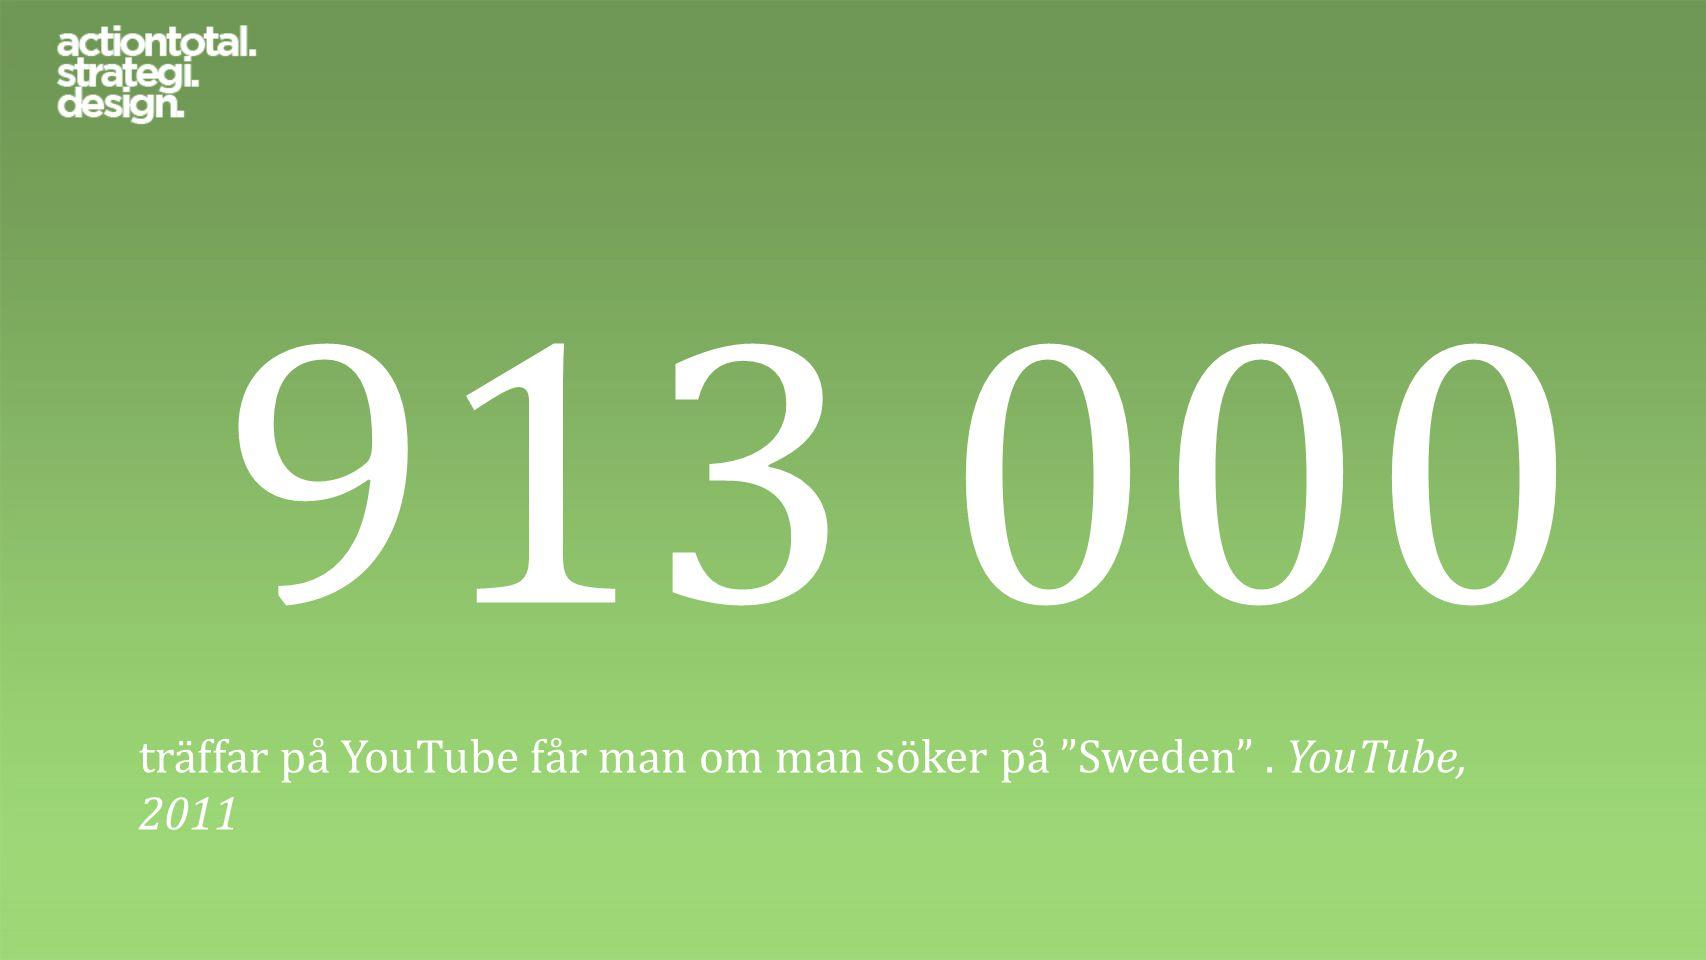 """913 000 träffar på YouTube får man om man söker på """"Sweden"""". YouTube, 2011"""